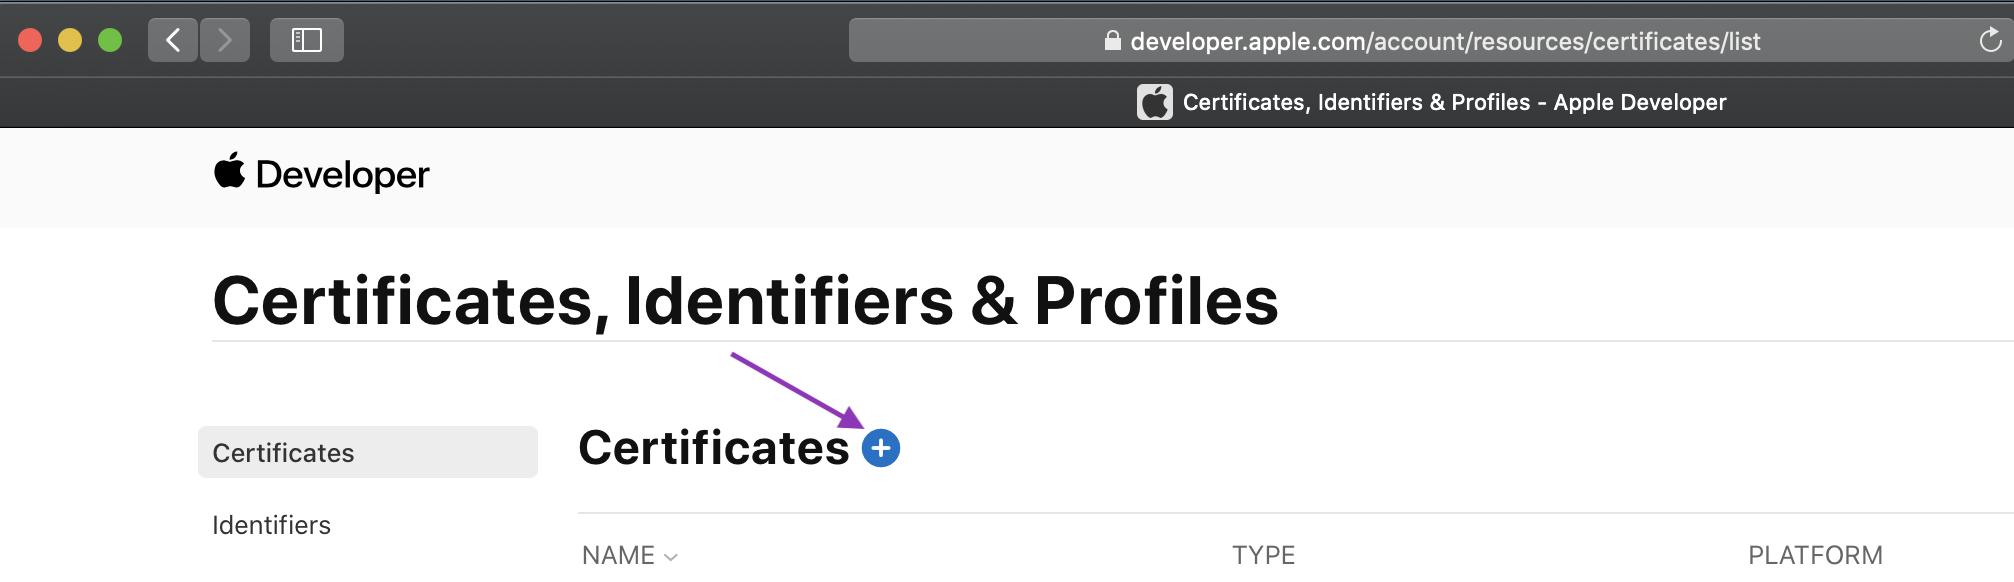 Add certificate button